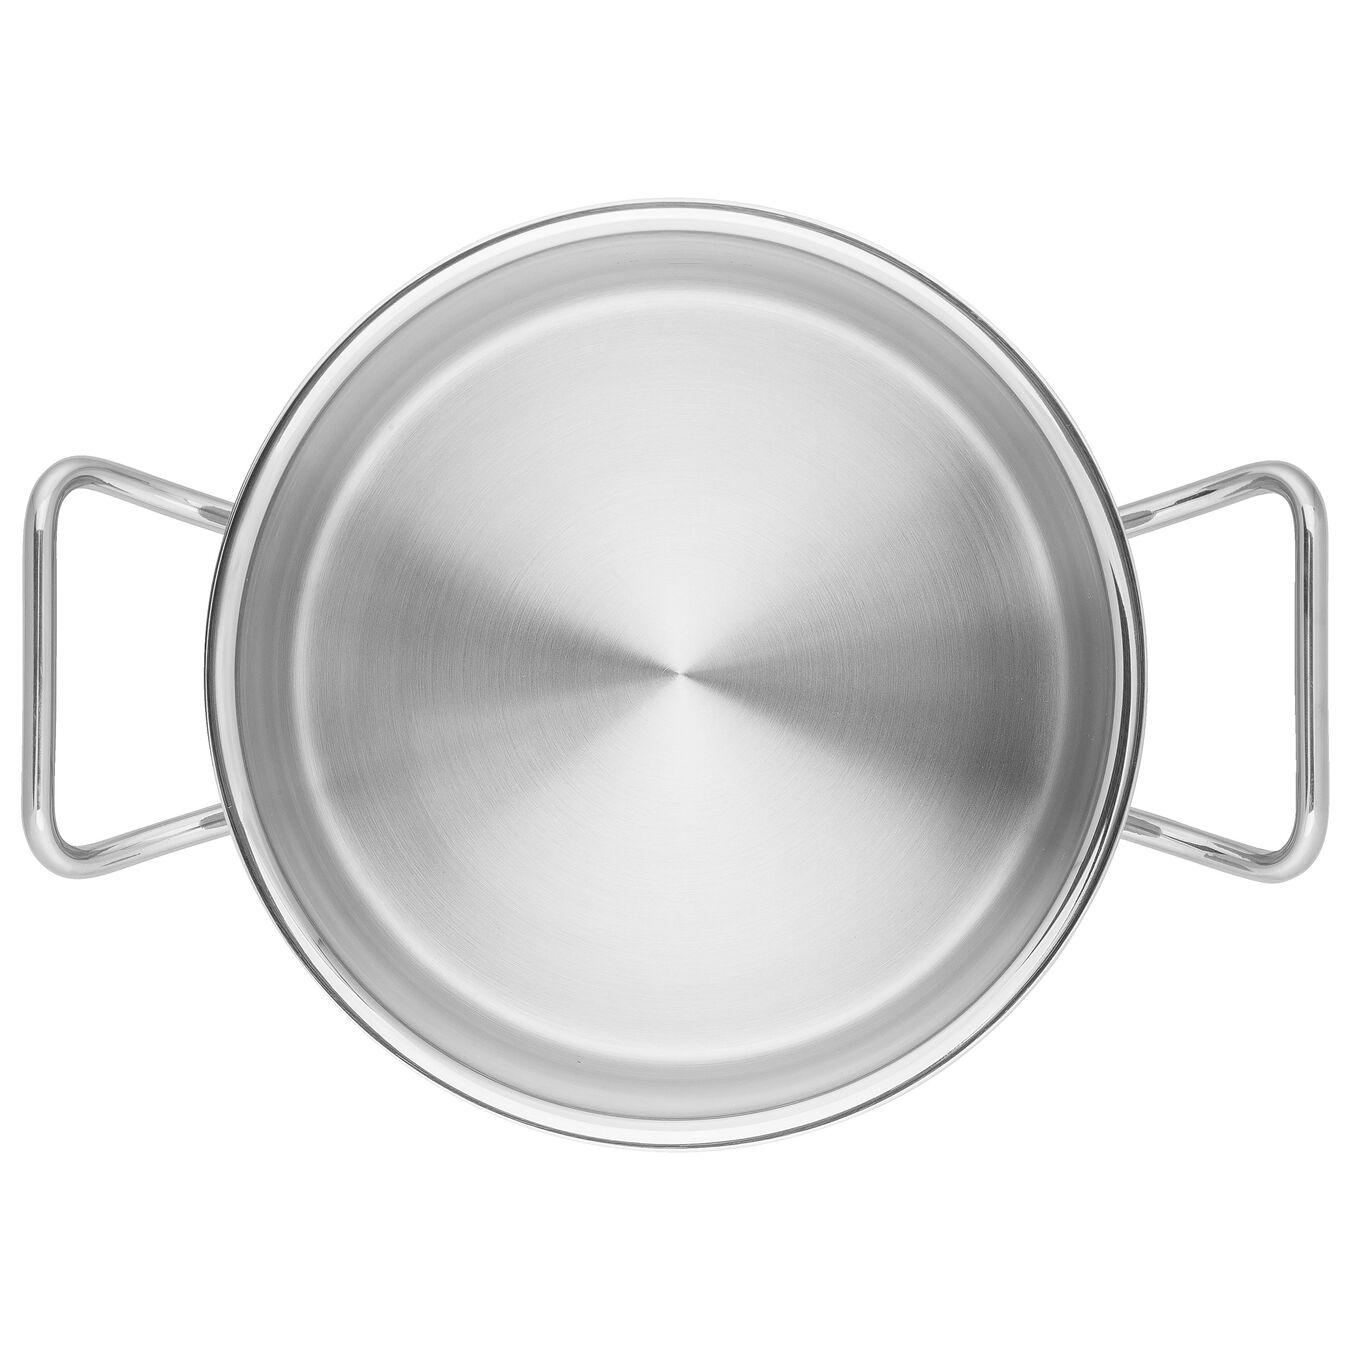 Pentola alta - 24 cm, 18/10 Acciaio inossidabile,,large 6